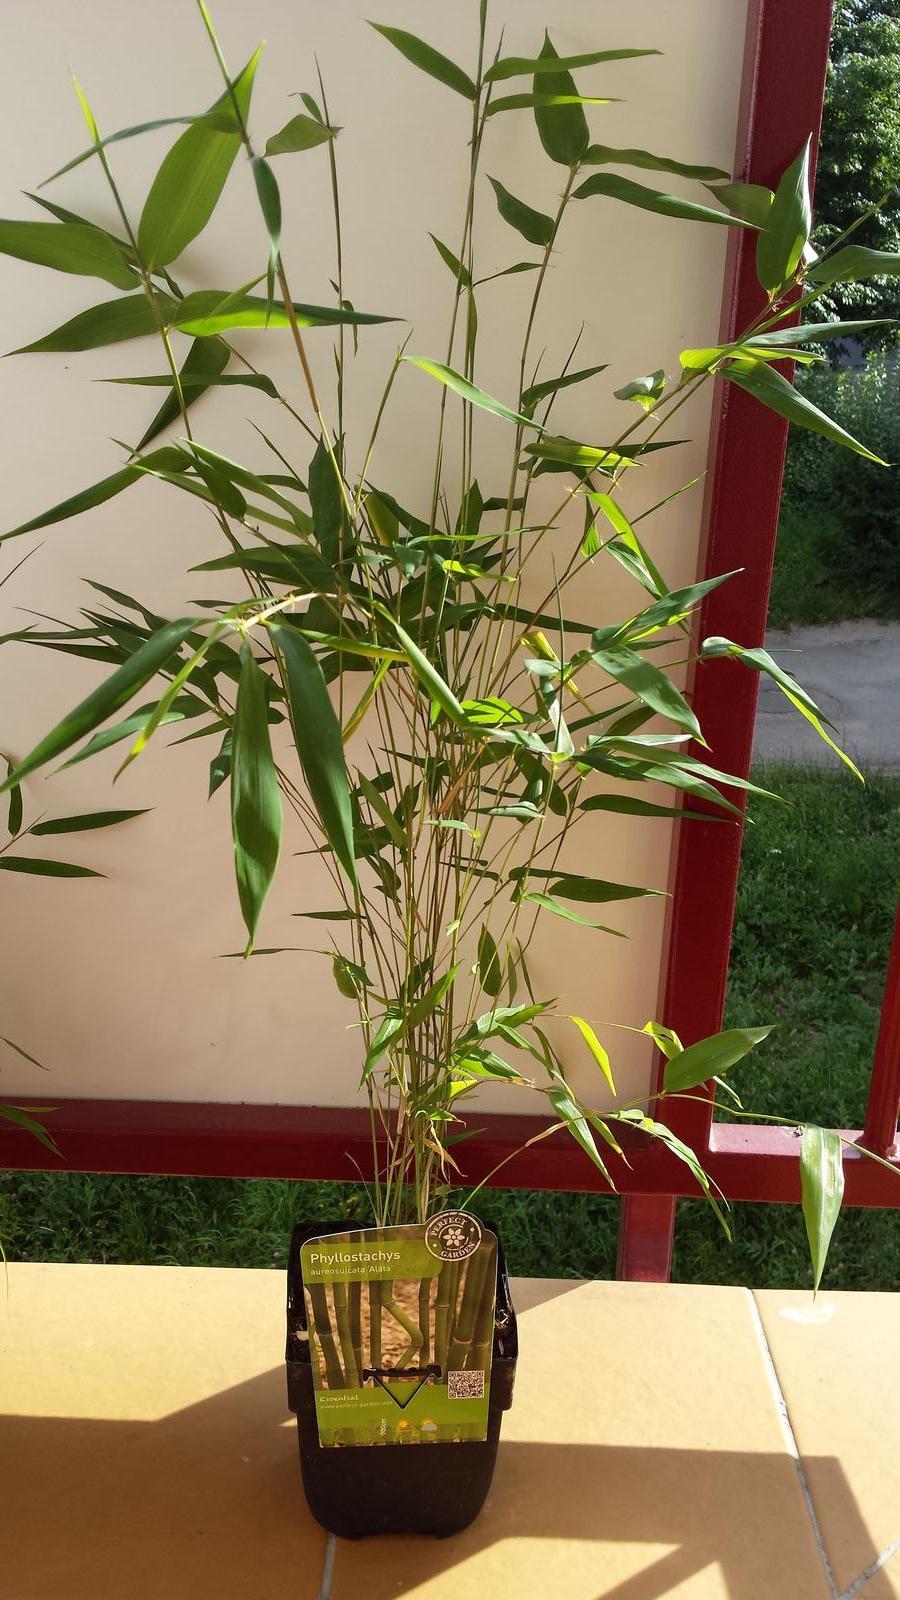 Dnes som bol v Baumaxe v Bb a objavil som tam bambusy tak som zobral 2 na skúšku. Či sa ujmu - Phyllostachys aureosulcata